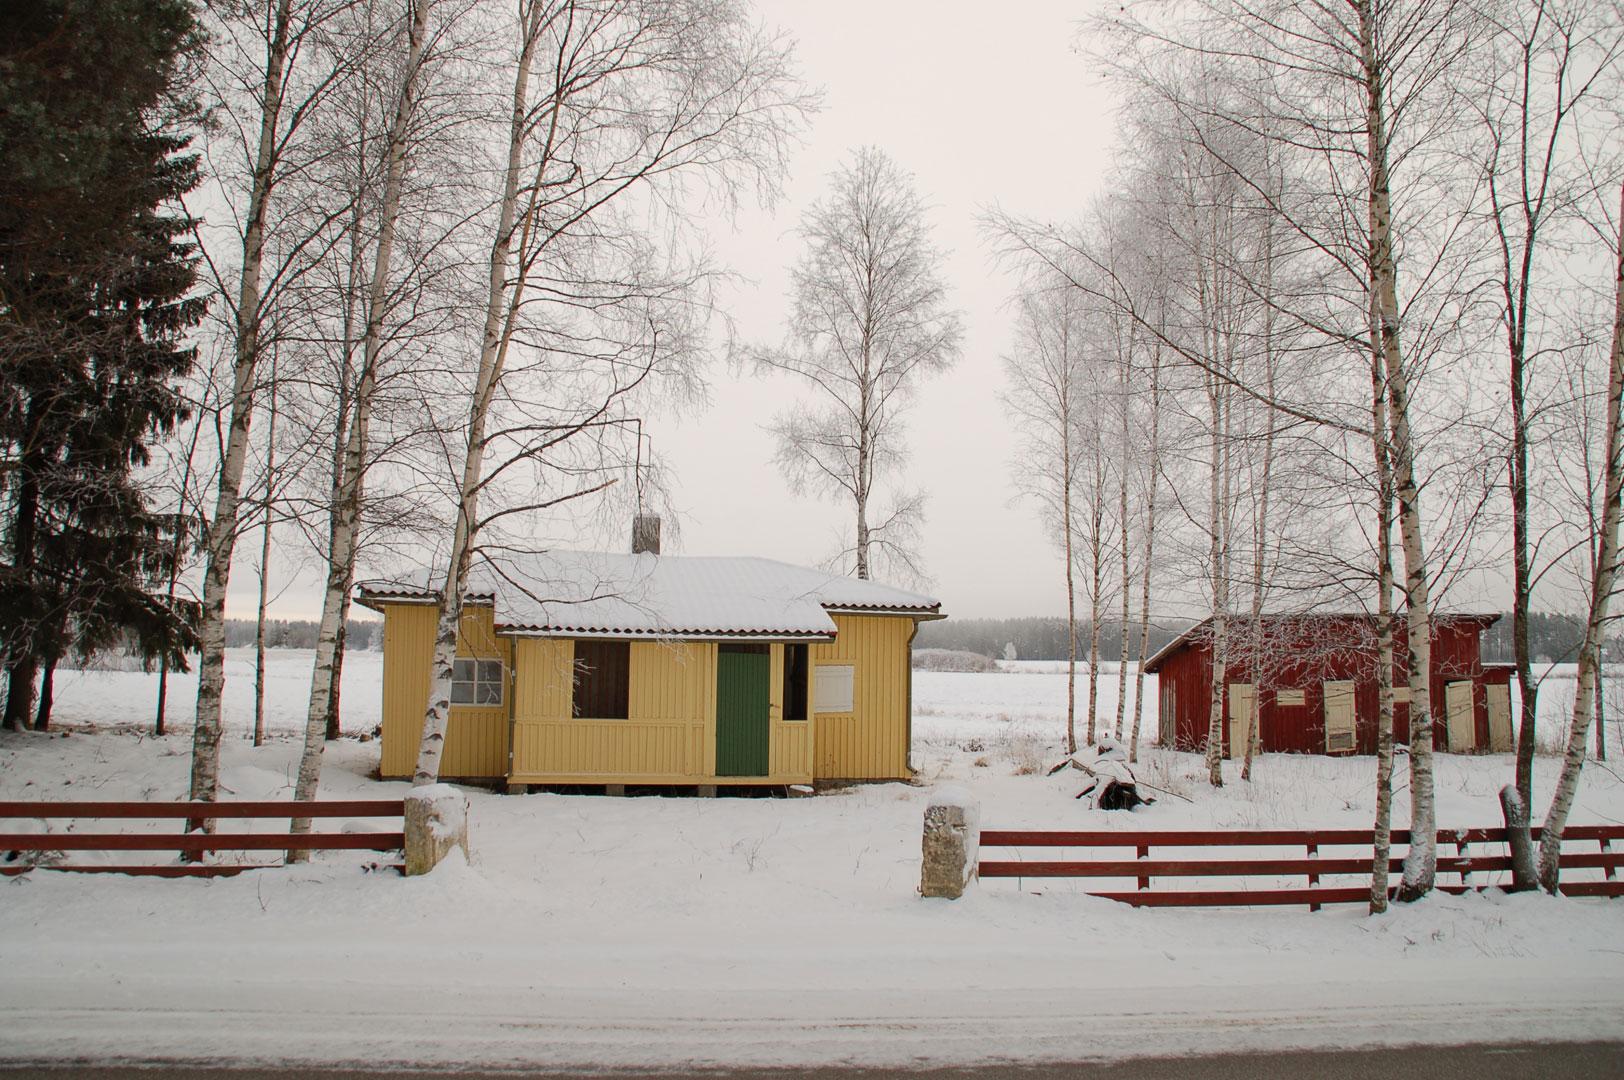 Tater-Millas hus i Våler kommune er ett av svært få faste kulturminner knyttet til folkegruppen romanifolket/tatere. Foto: Hedmark fylkeskommune